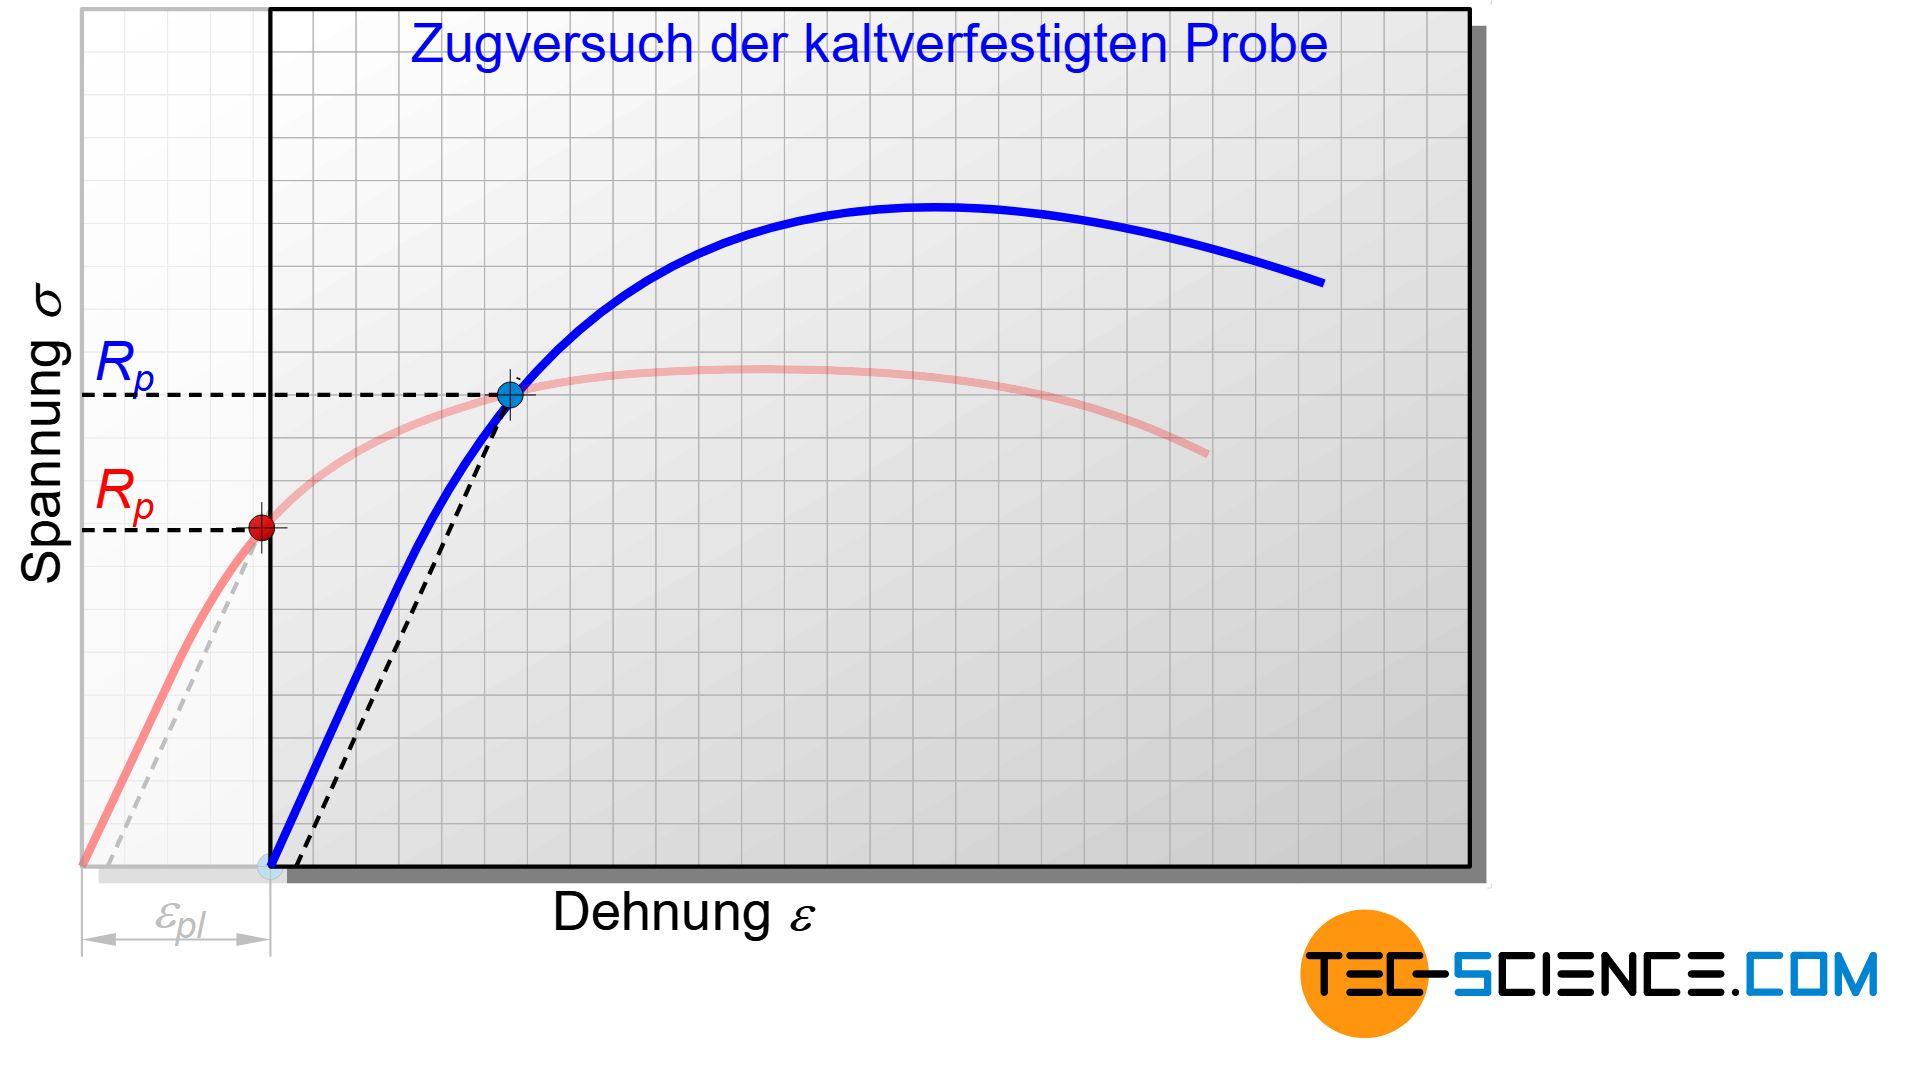 Spannungs-Dehnungs-Diagramm einer kaltverfestigten Probe